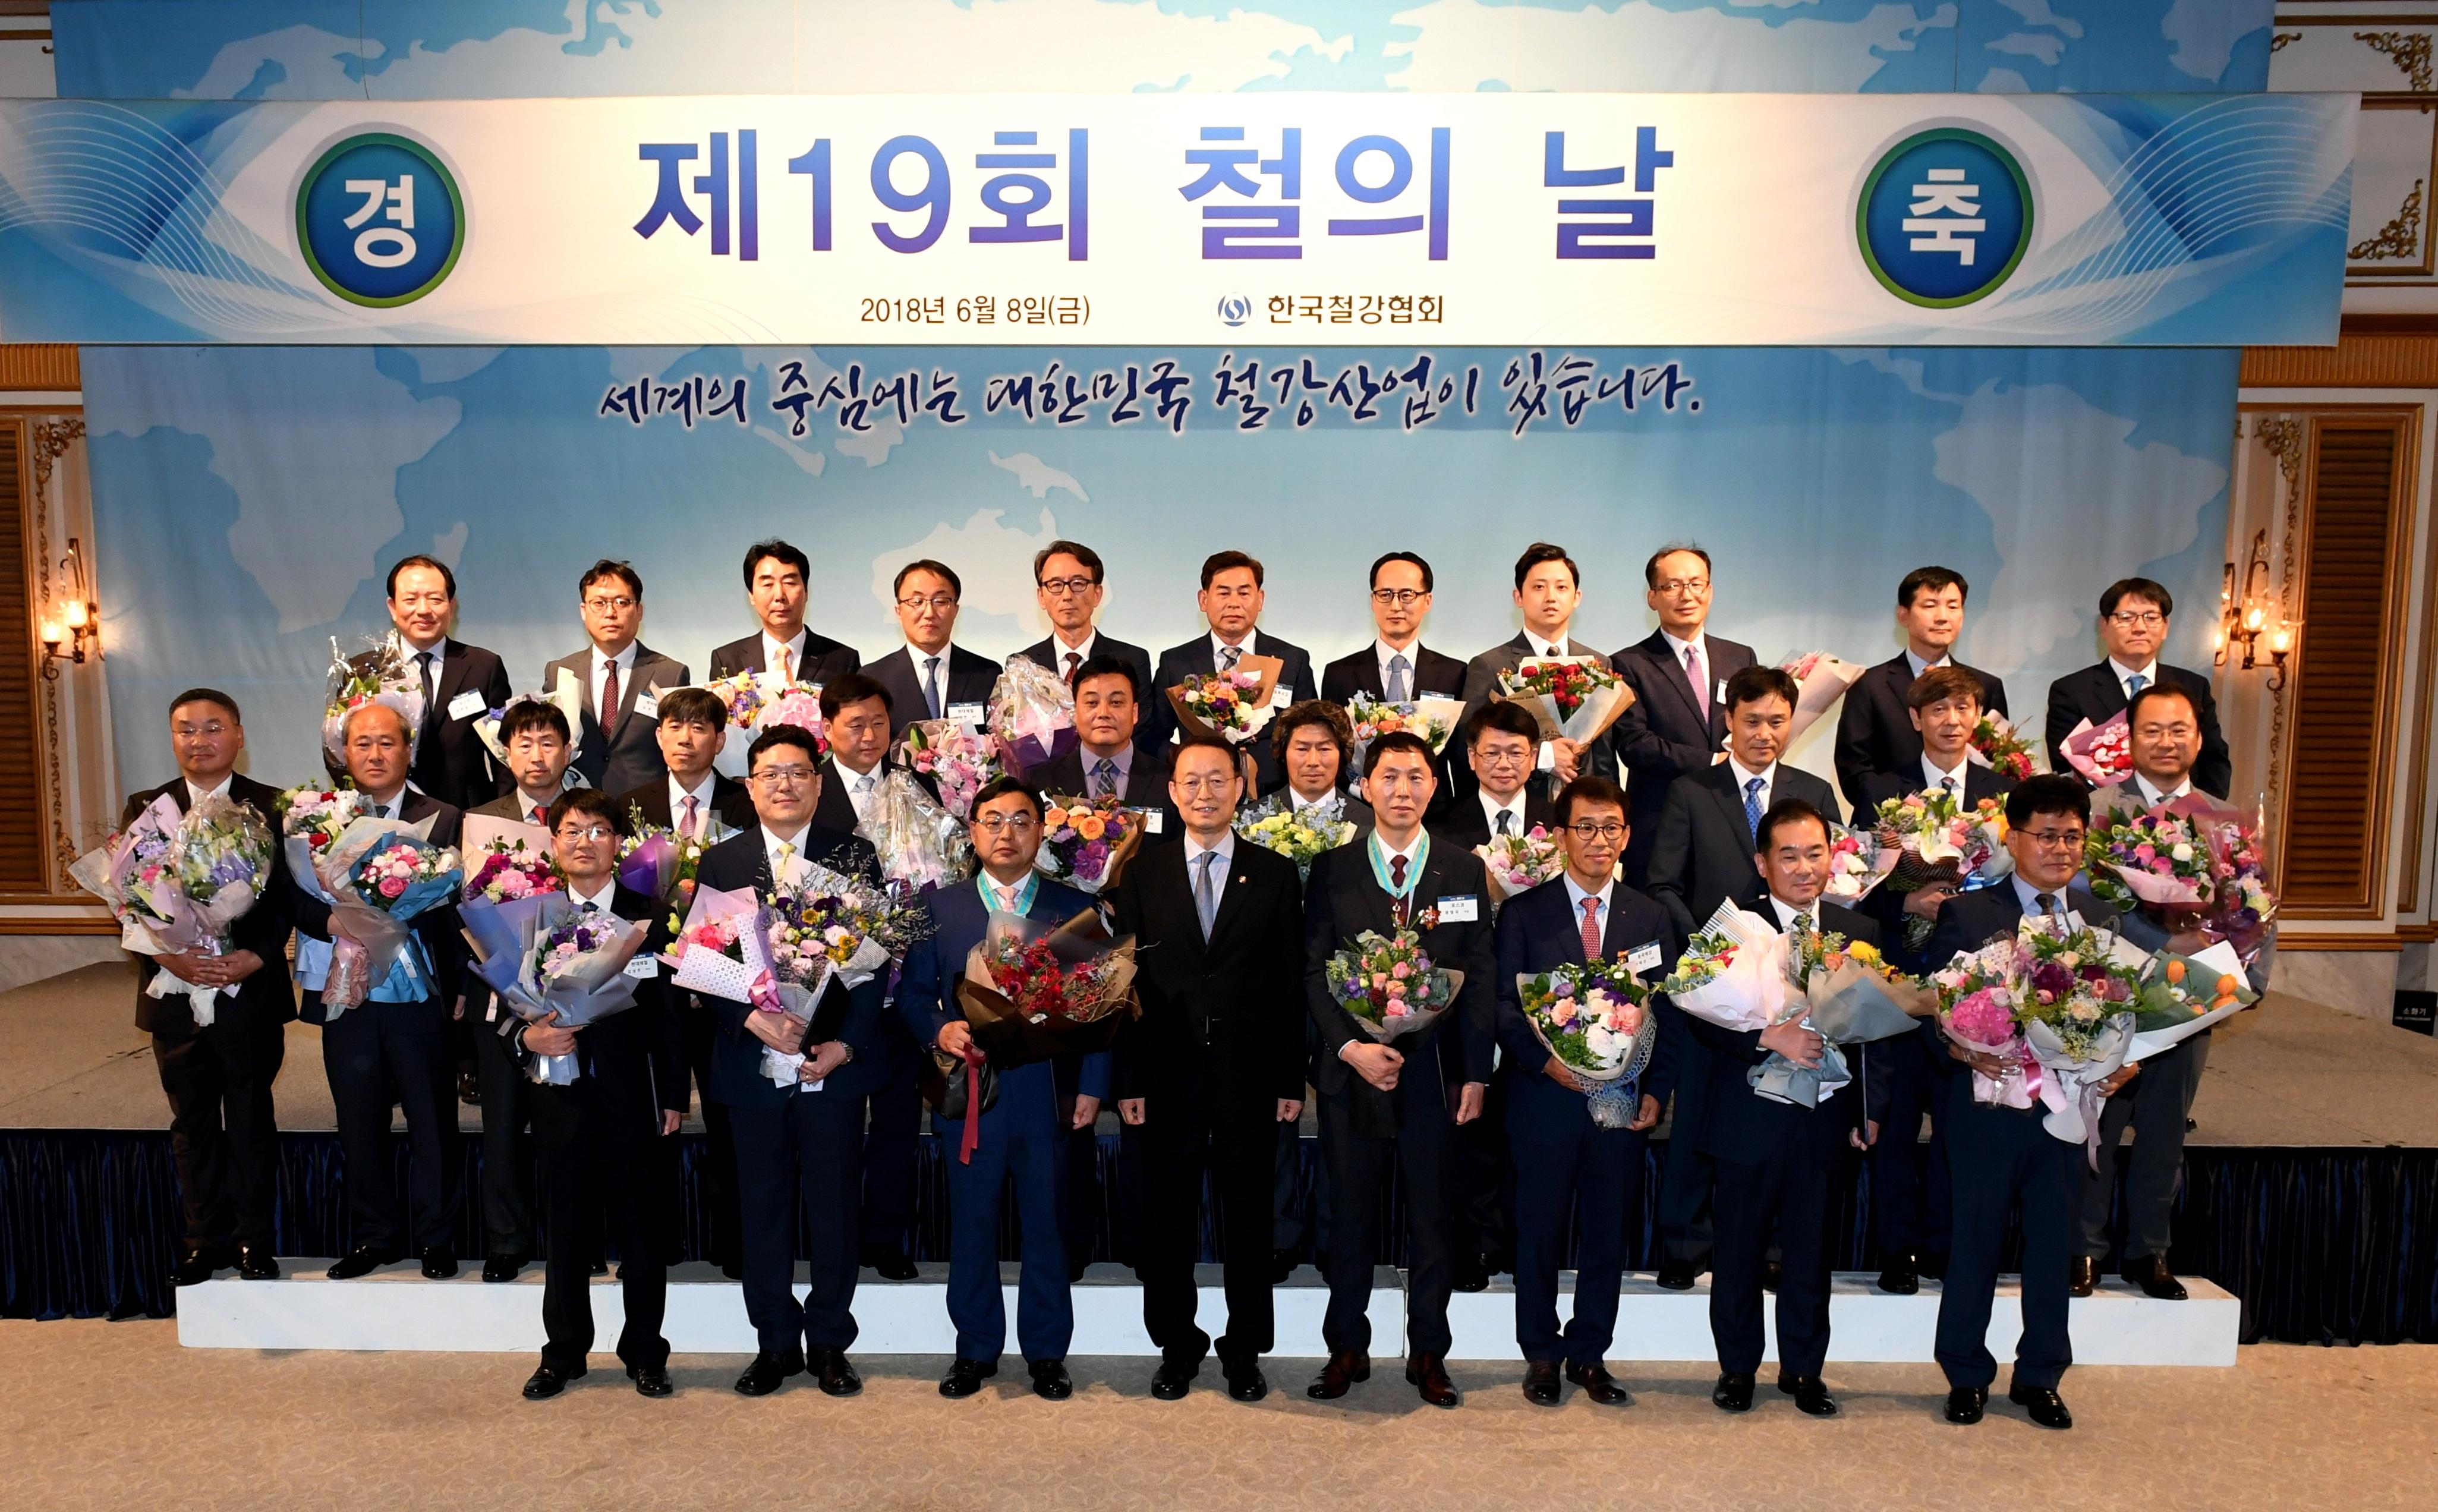 경축 제 19회 철의날 2018년 6월 8일(금) 한국철강협회 세계의 중심에는 대한민국 철강산업이 있습니다. 기념행사 기념촬영 모습